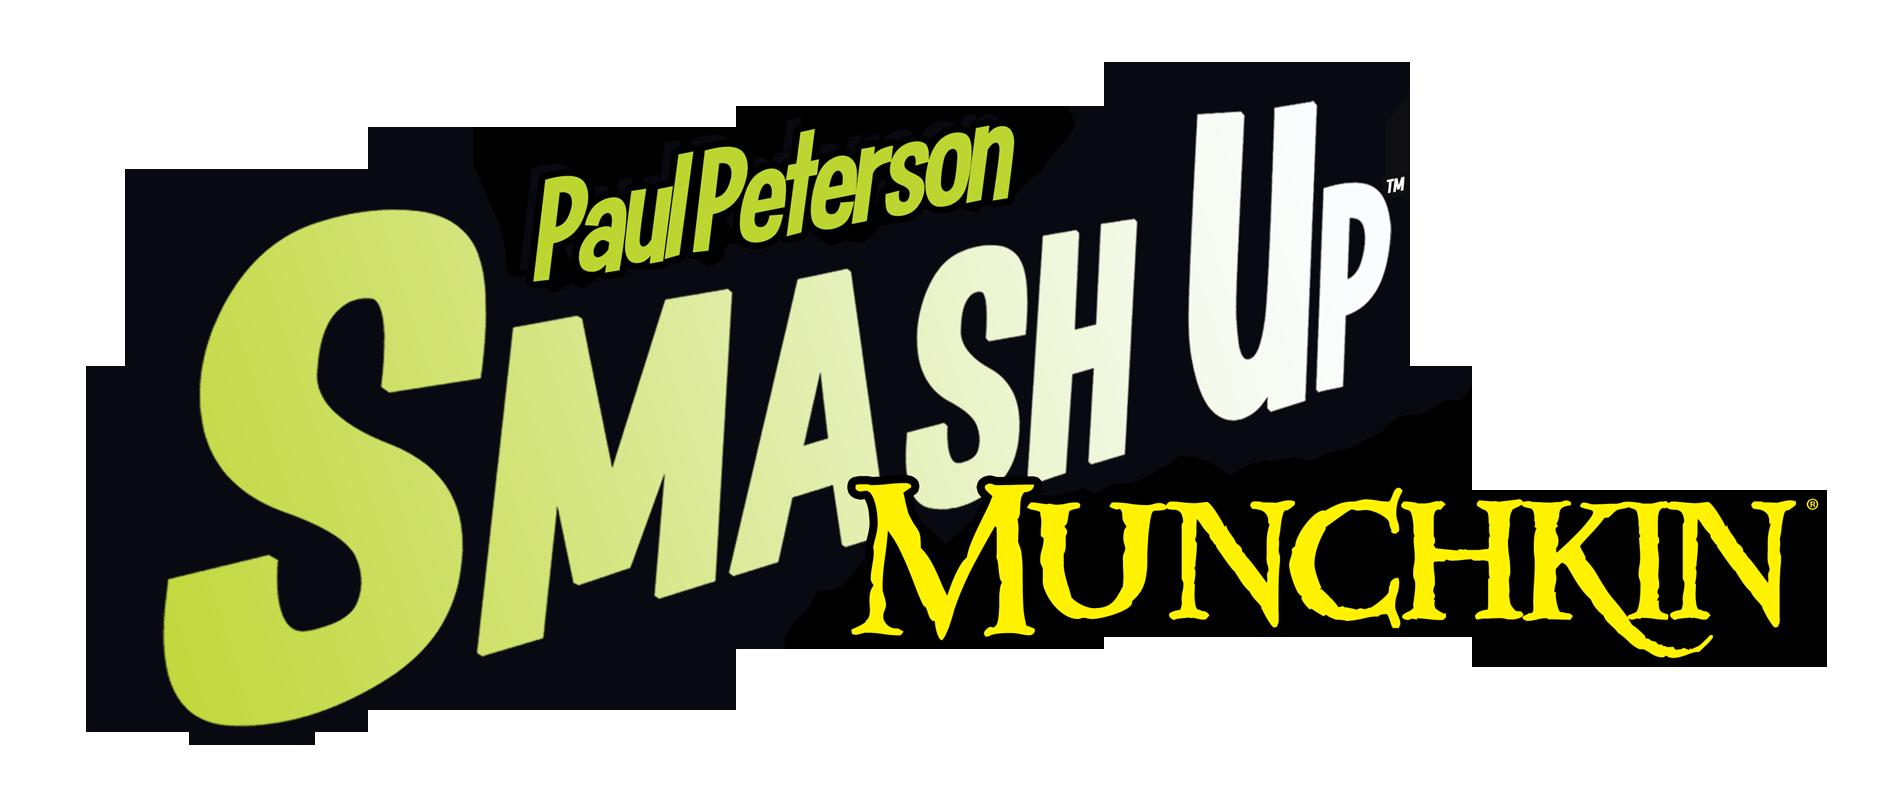 SU_Munchkin_logo